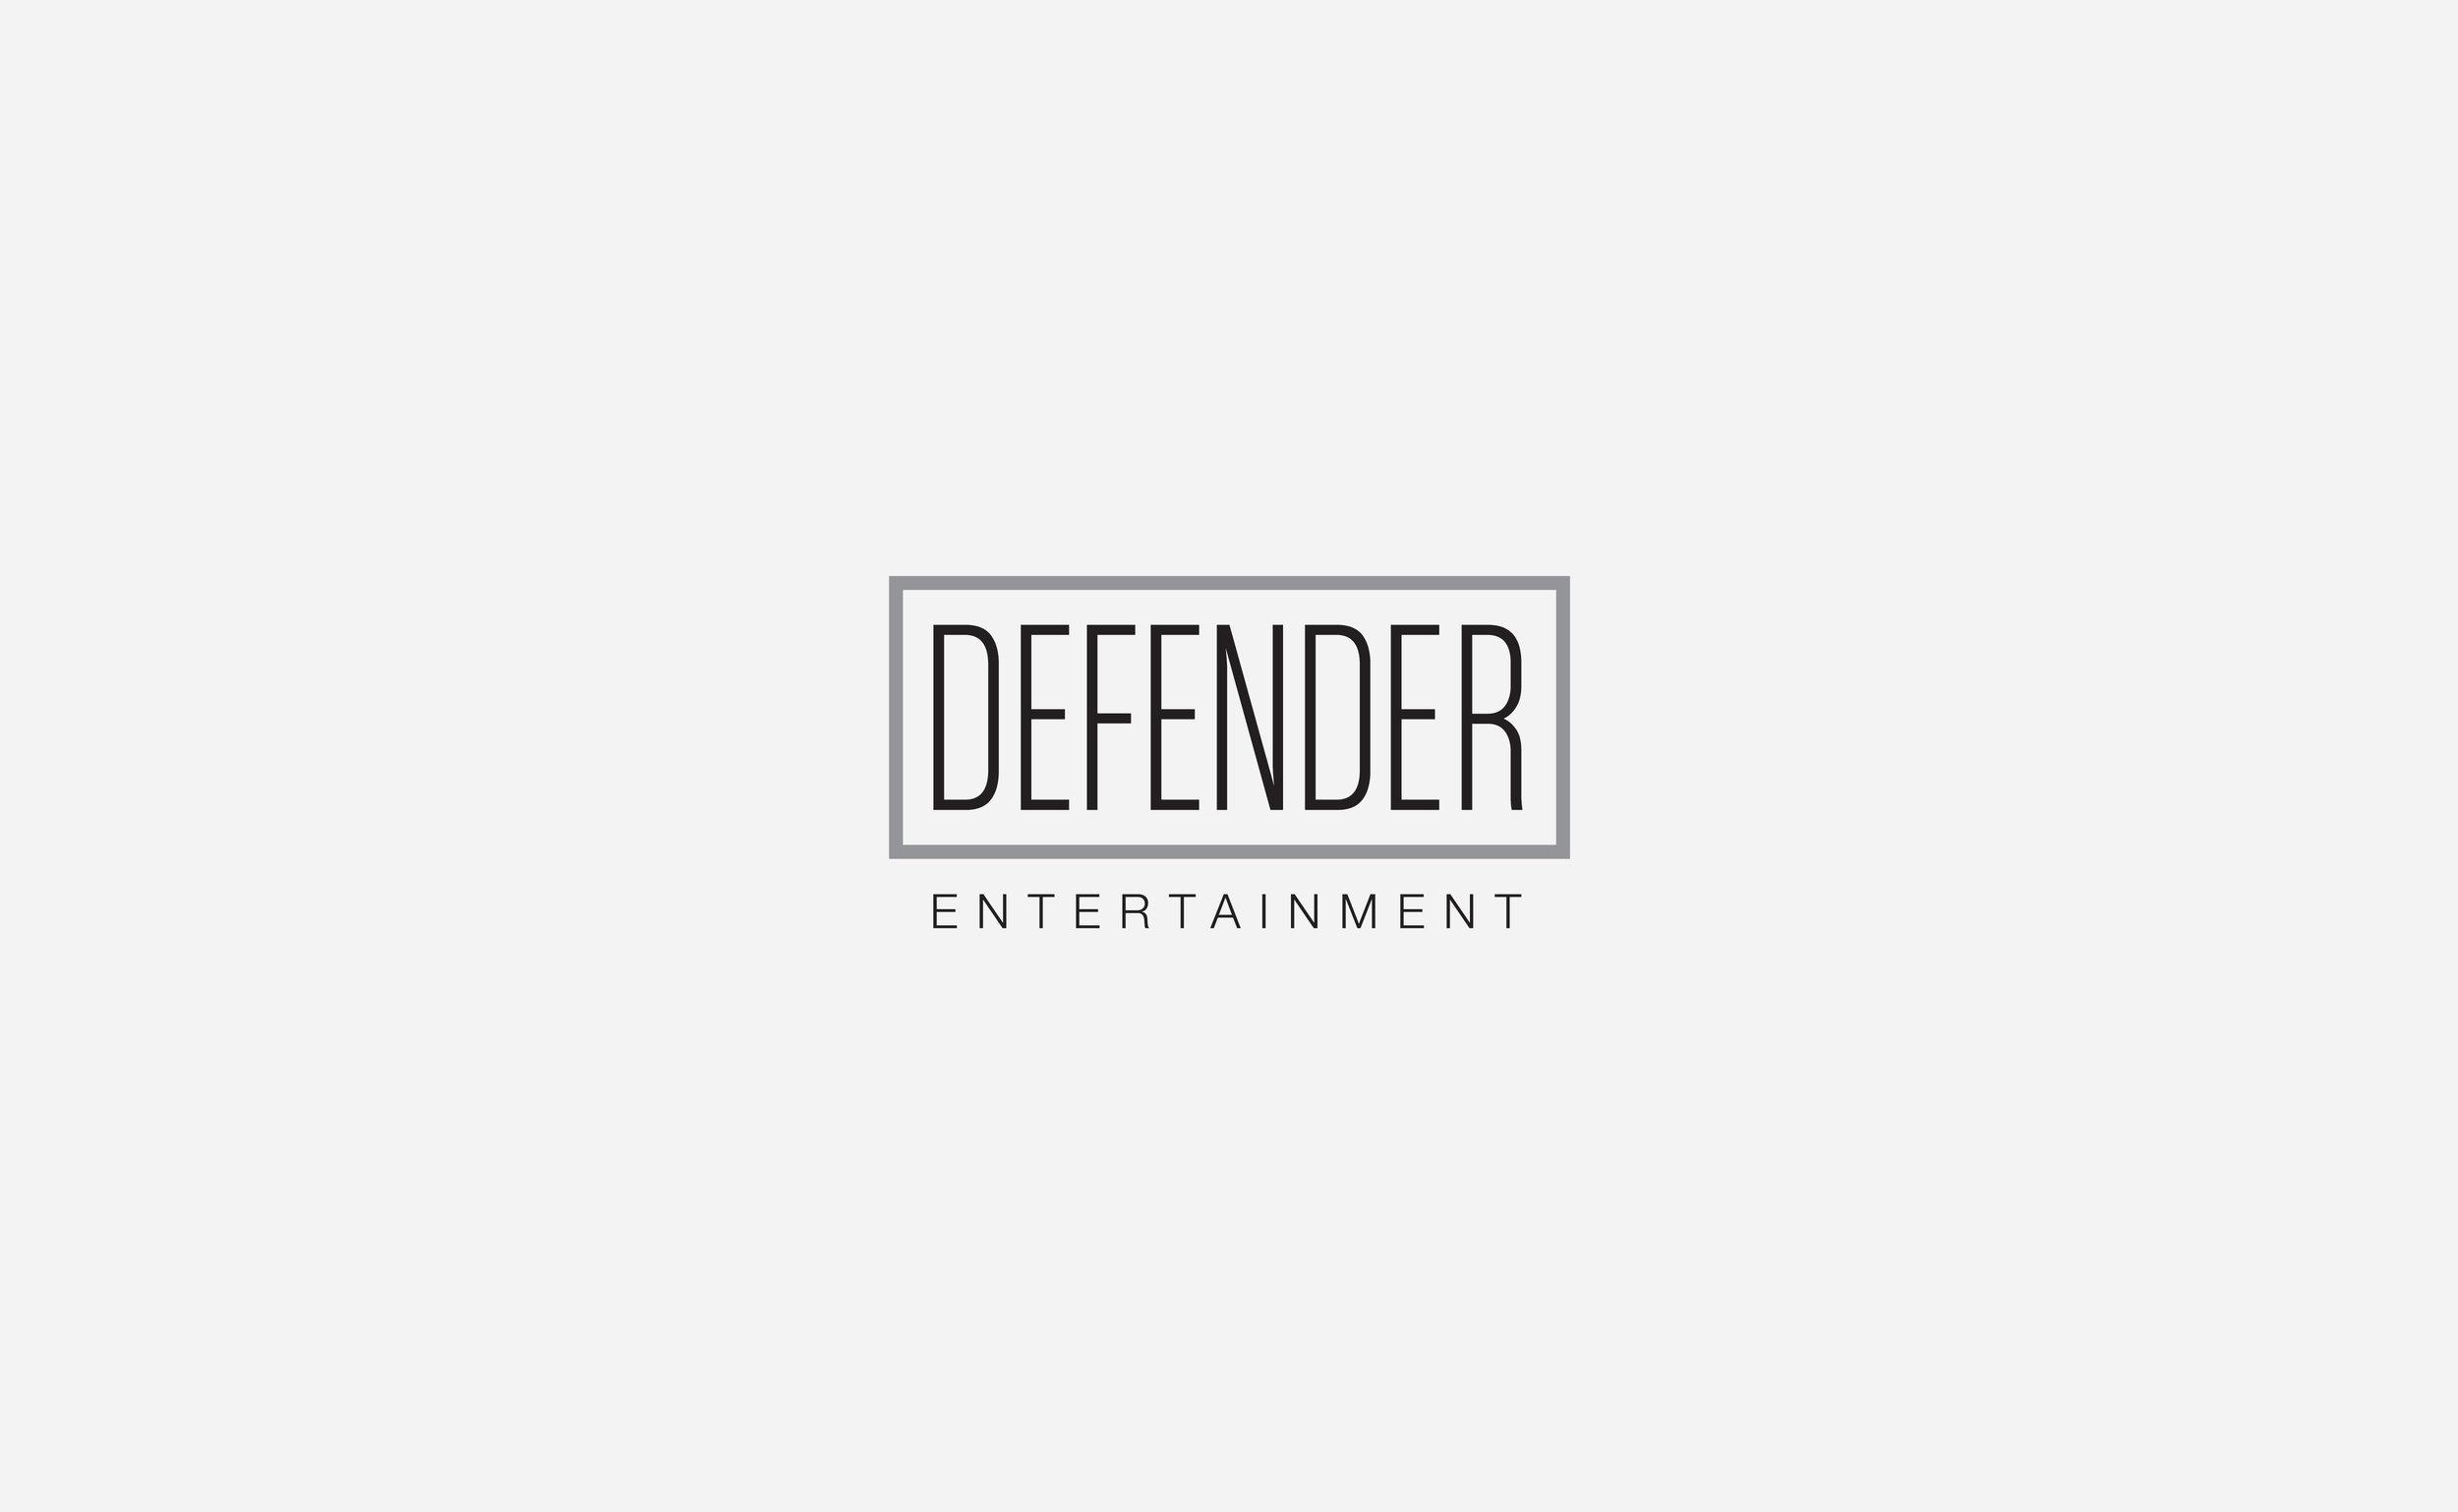 Defender Entertainment: Production Co.